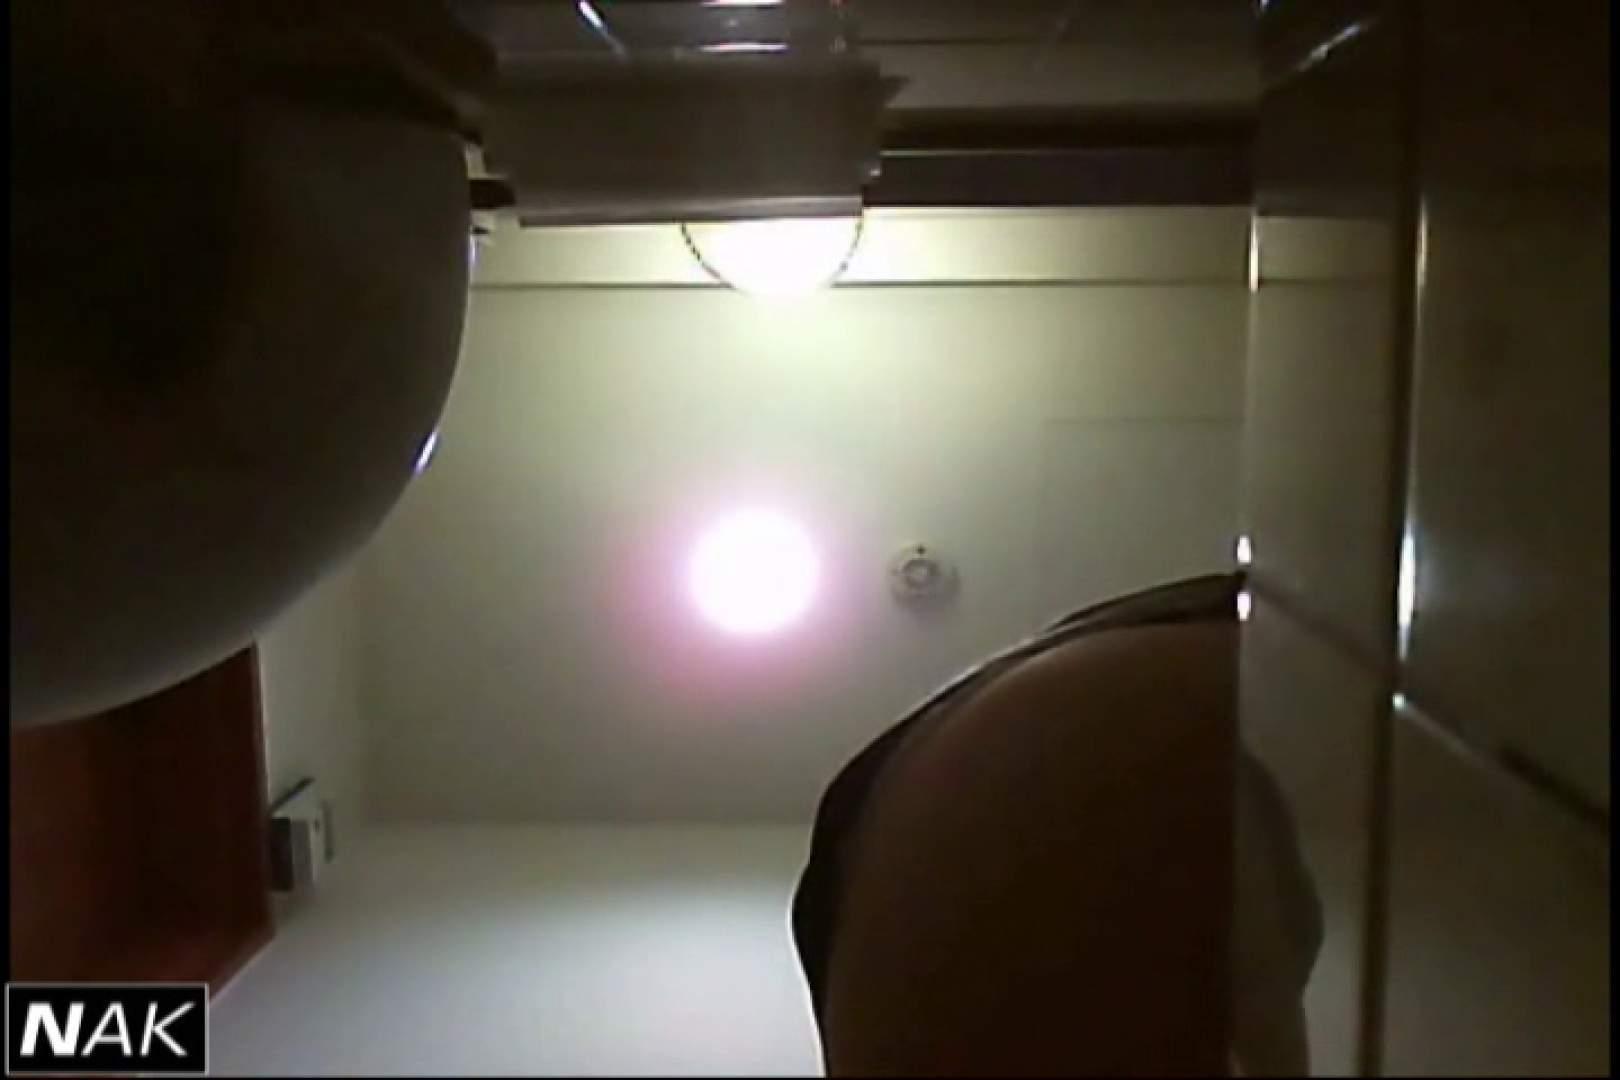 亀さんかわや VIP和式2カメバージョン! vol.05 OLのエロ生活  64連発 50